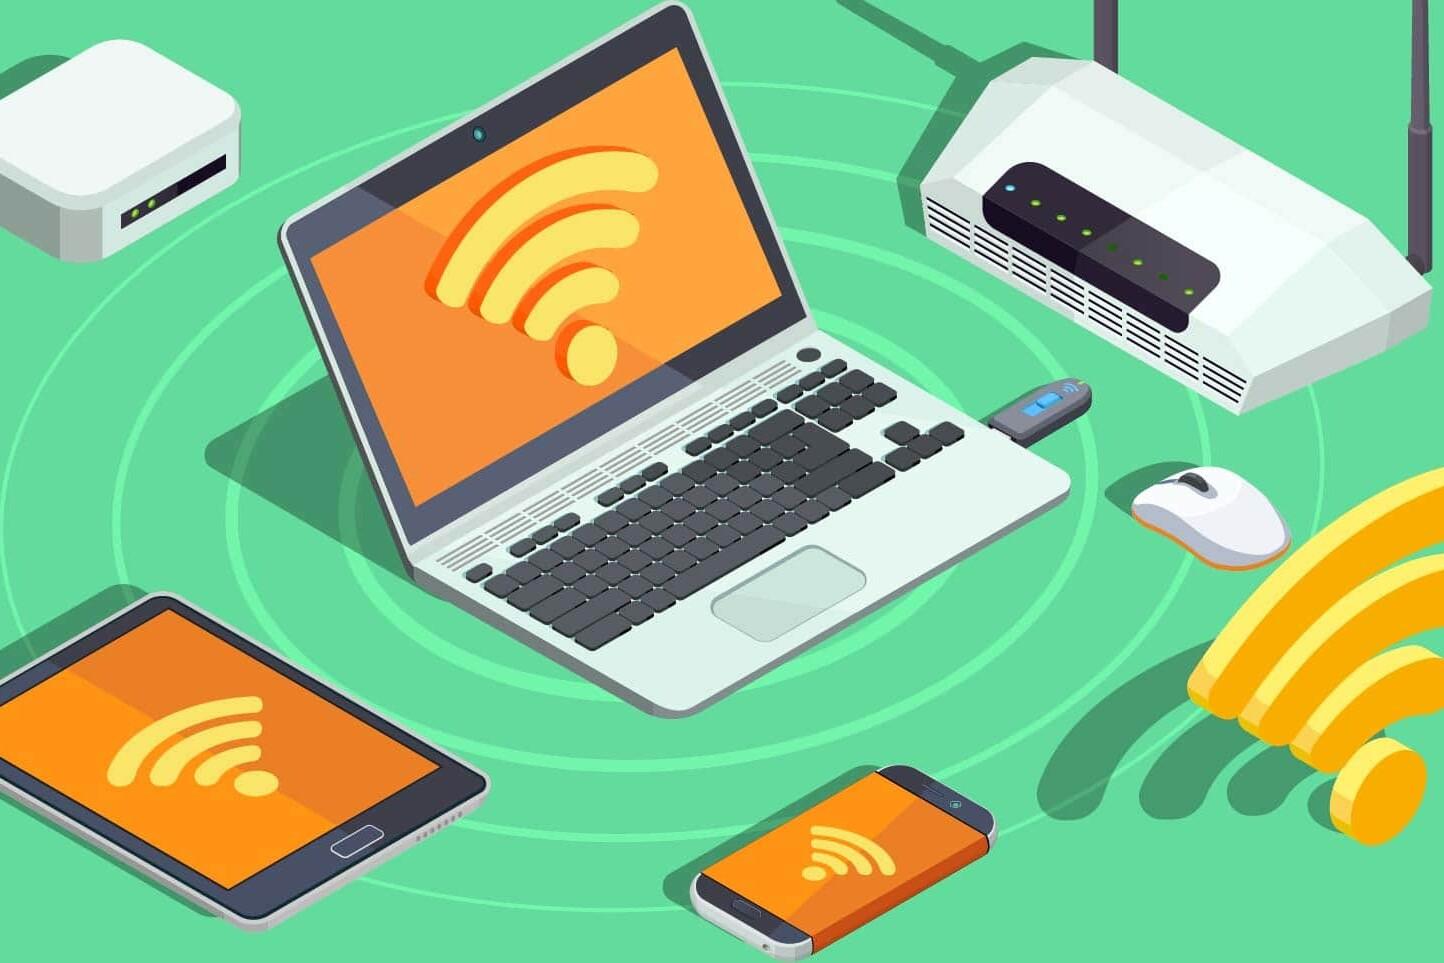 Proteggi il wifi aziendale! Quando si parla di sicurezza informatica aziendale non bisogna trascurare nulla, neanche la rete WiFi